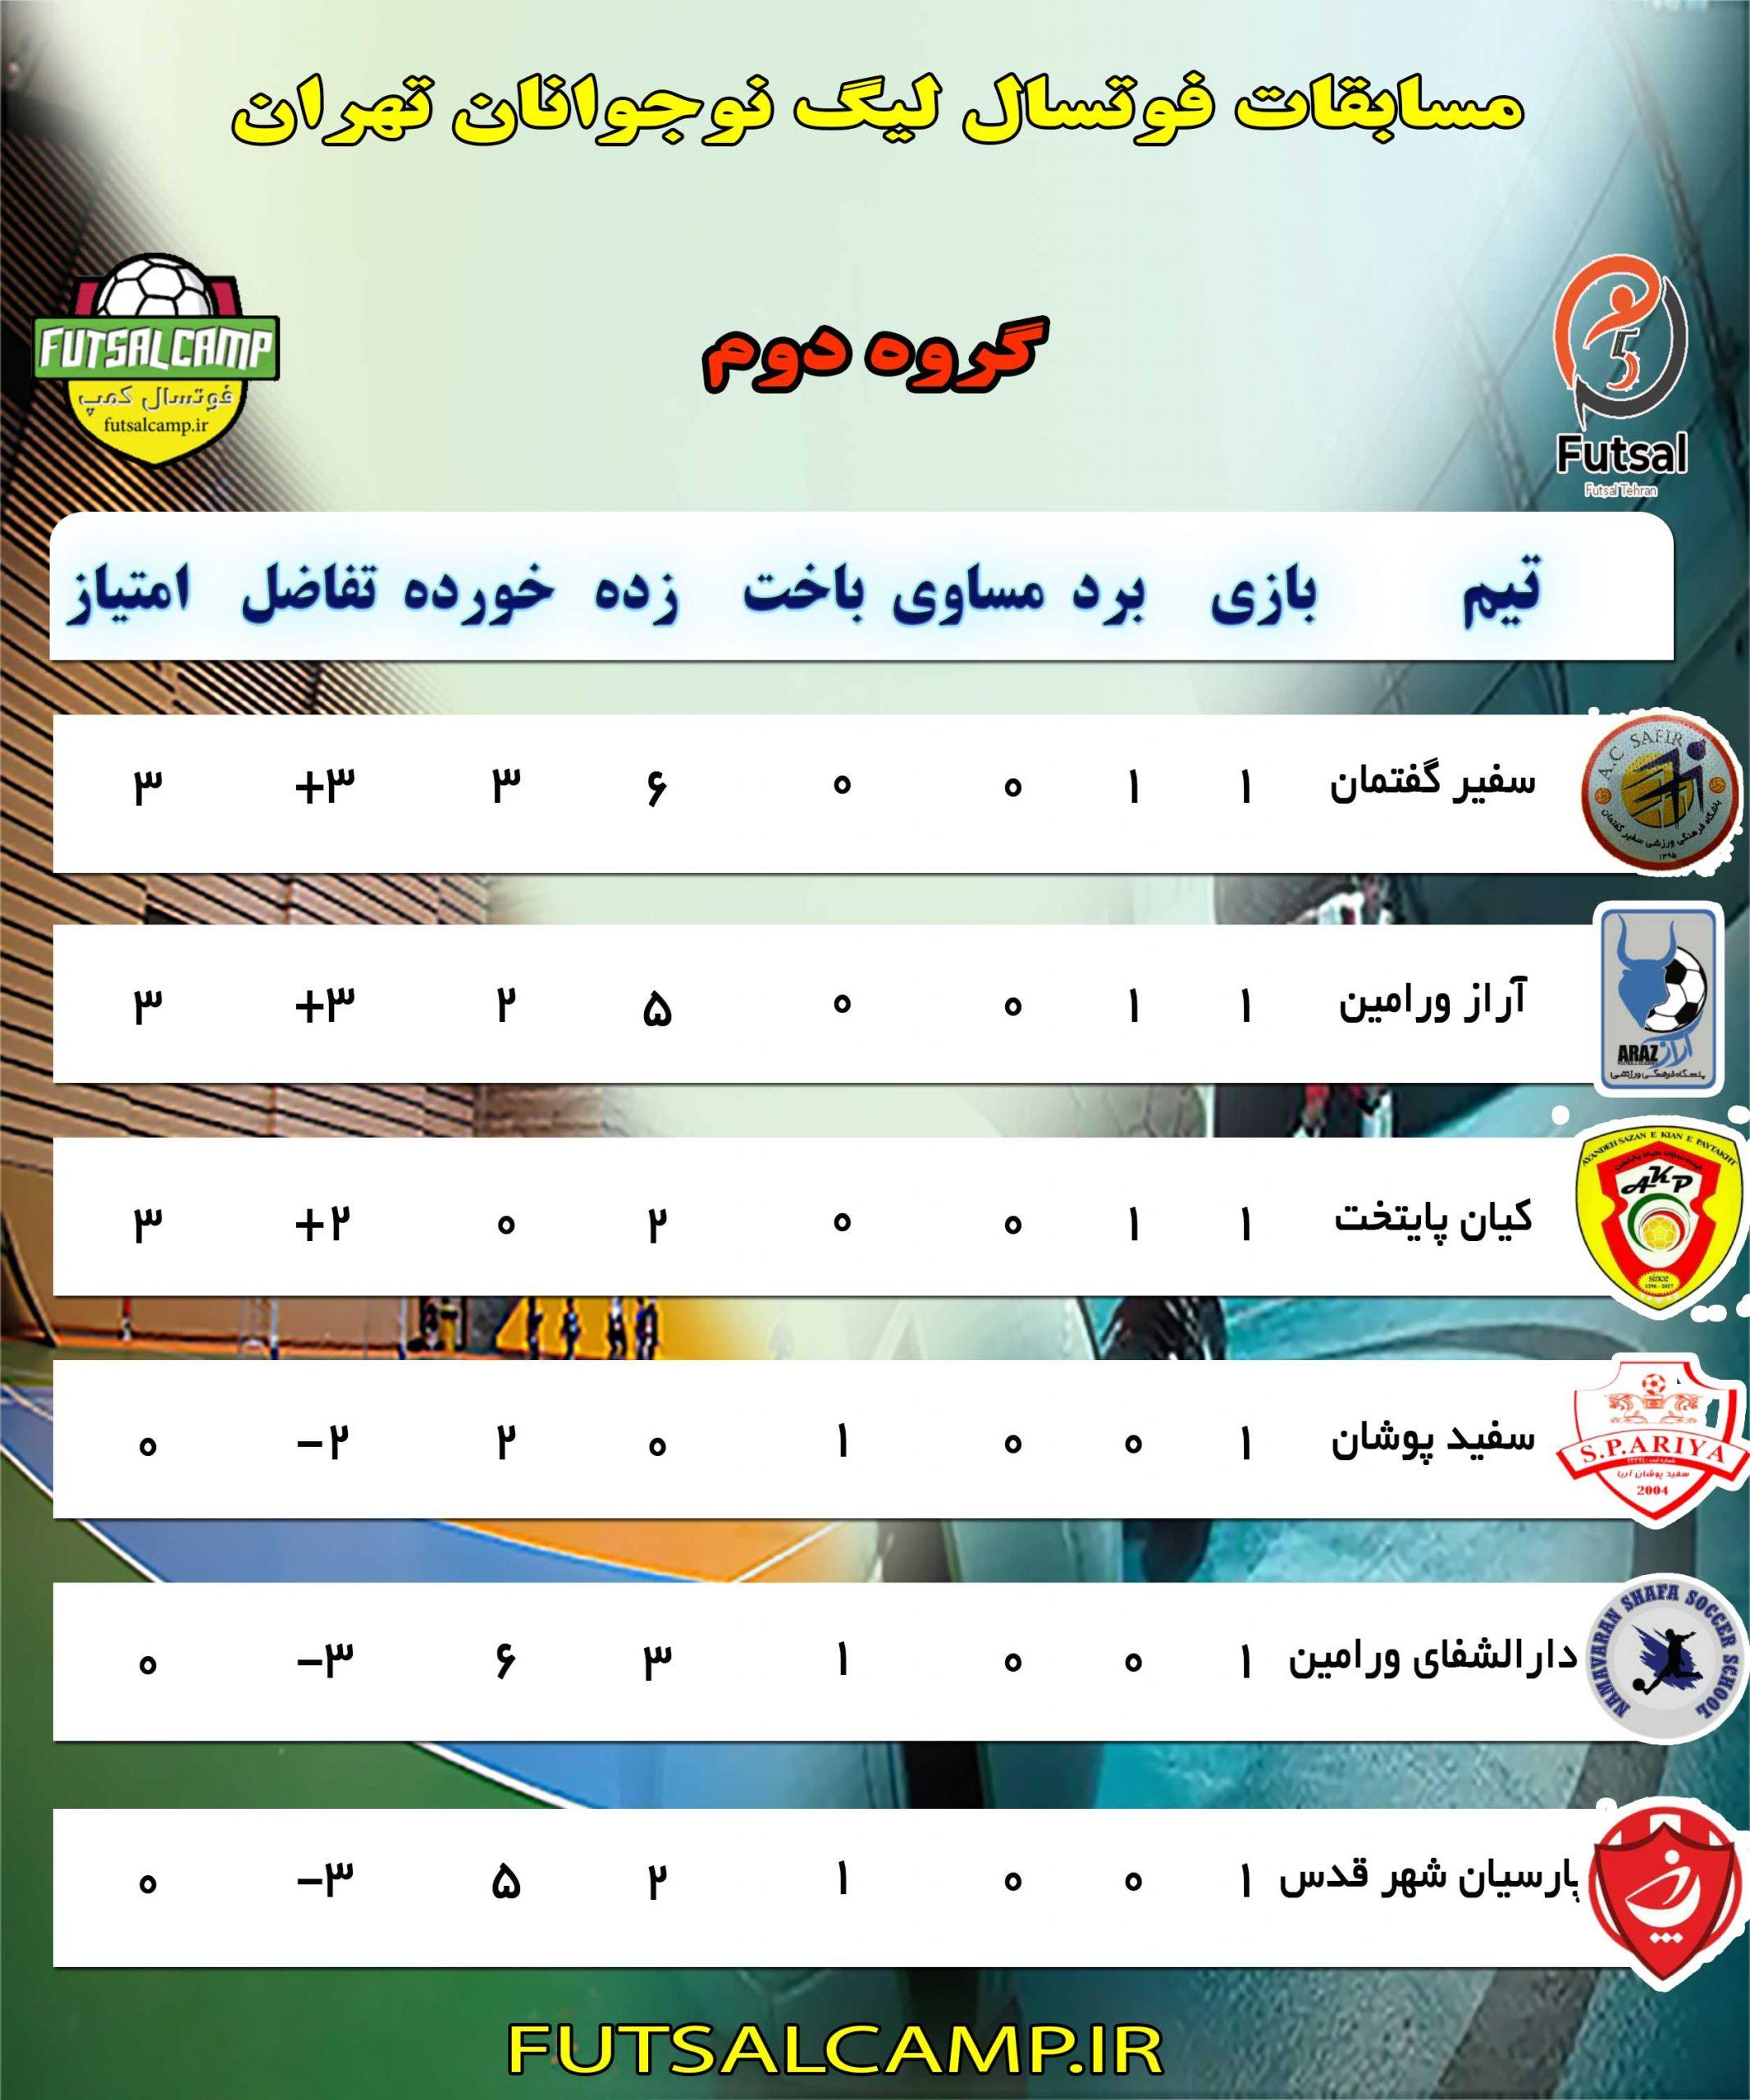 جدول-گروه-دوم-لیگ-فوتسال-نوجوانان-تهران-جدید